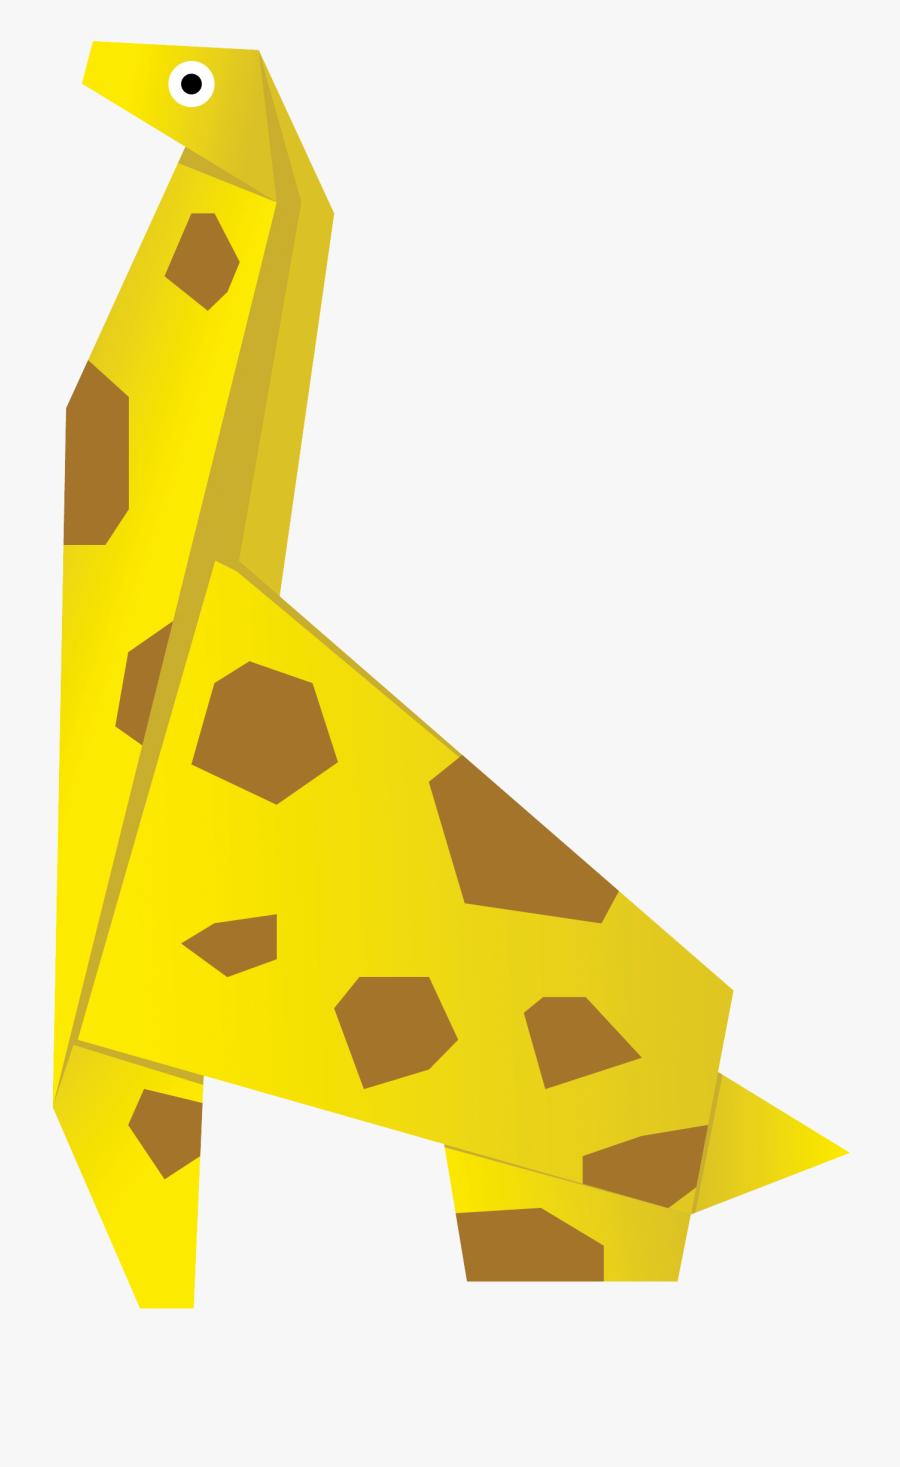 Vector Giraffe Origami - Пожелания Дизайнеру С Днем Рождения, Transparent Clipart